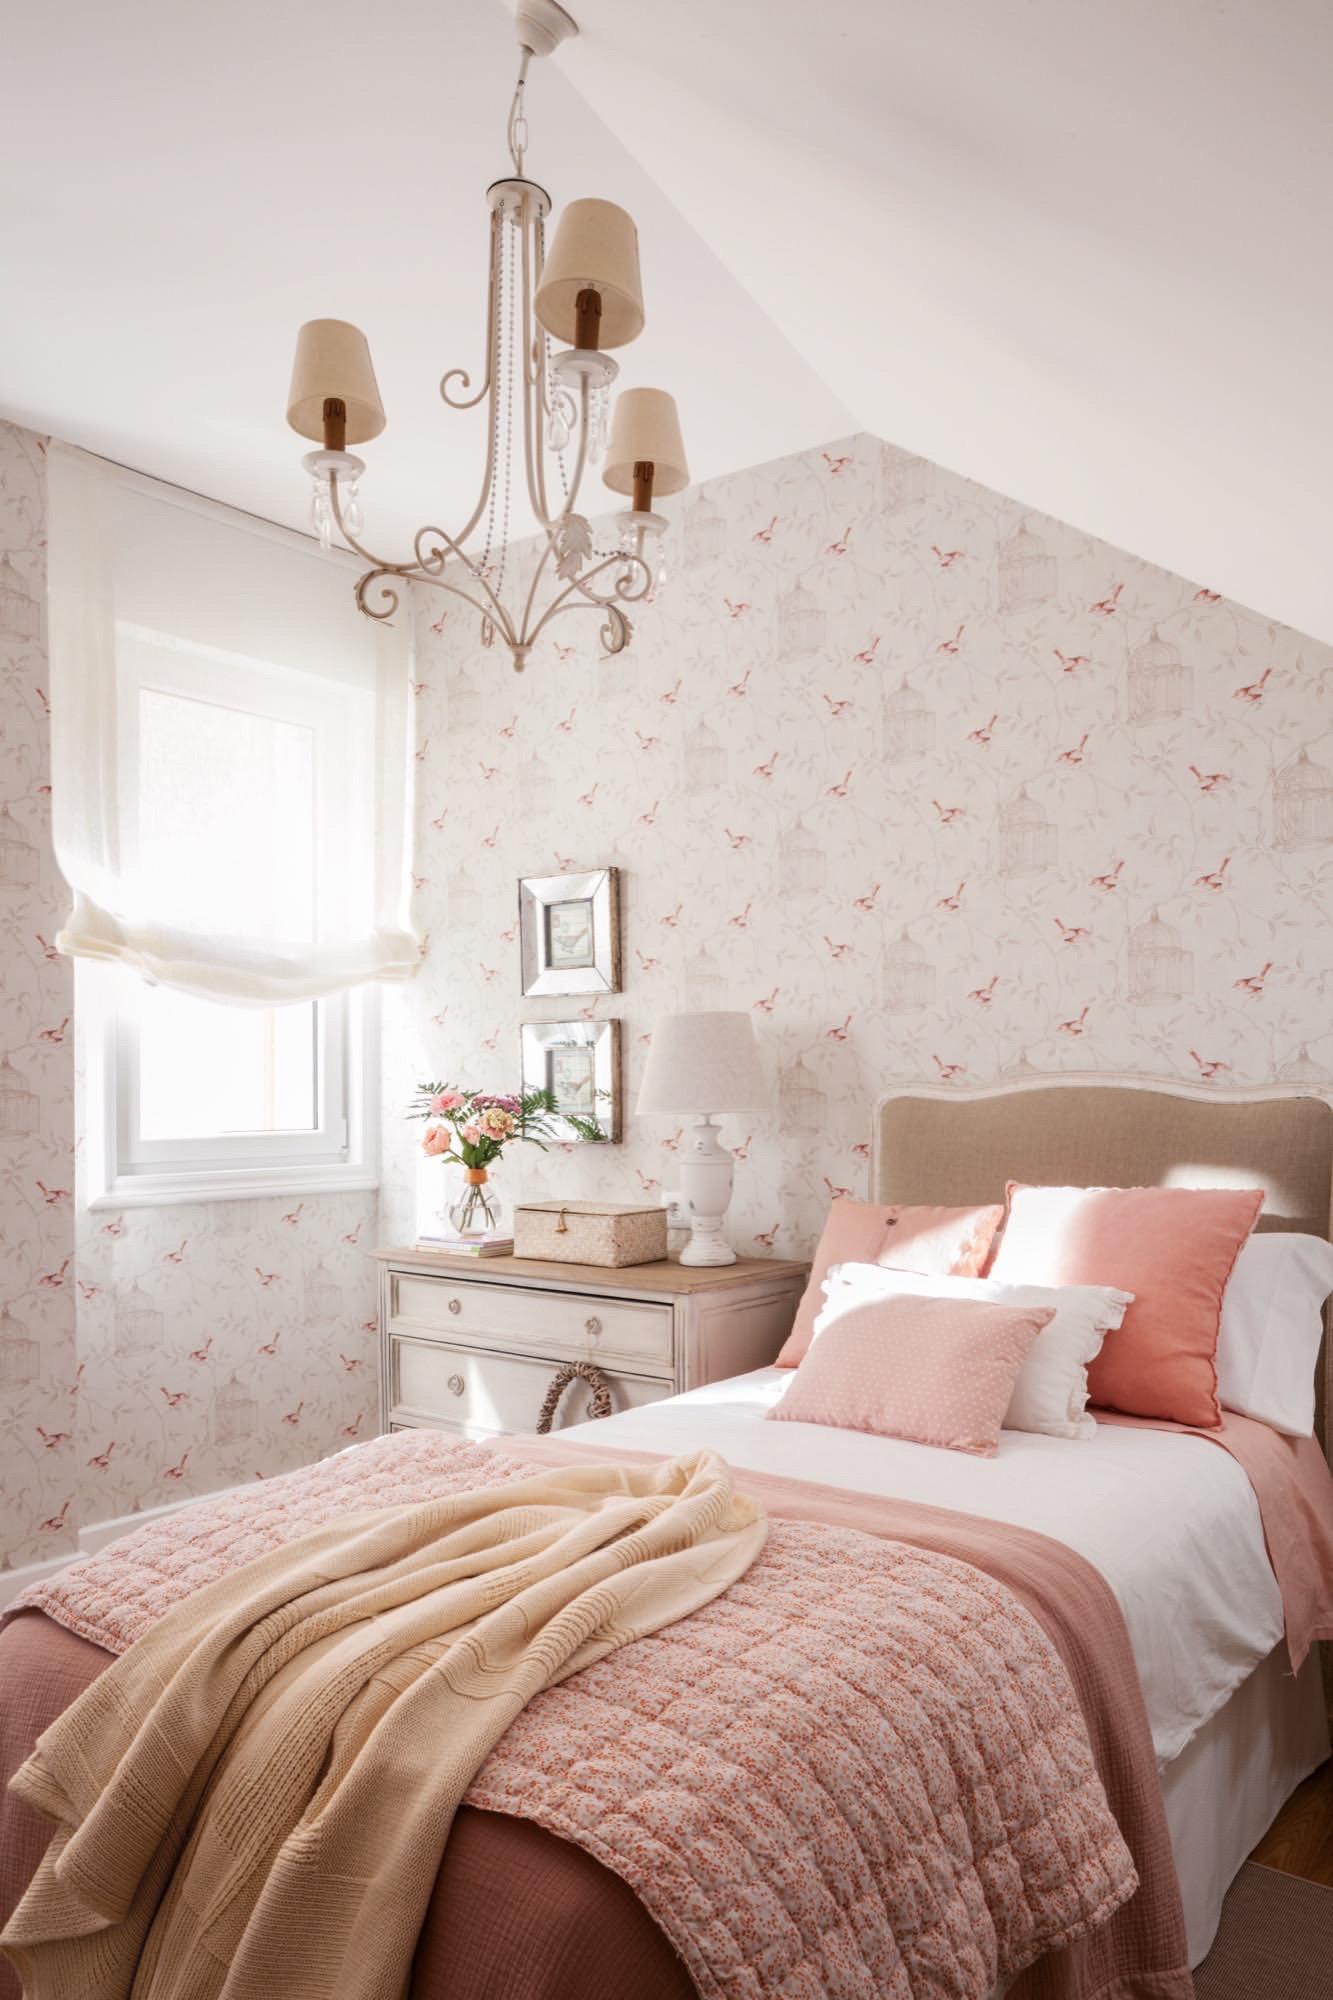 dormitorio infantil con papel pintado en rosita